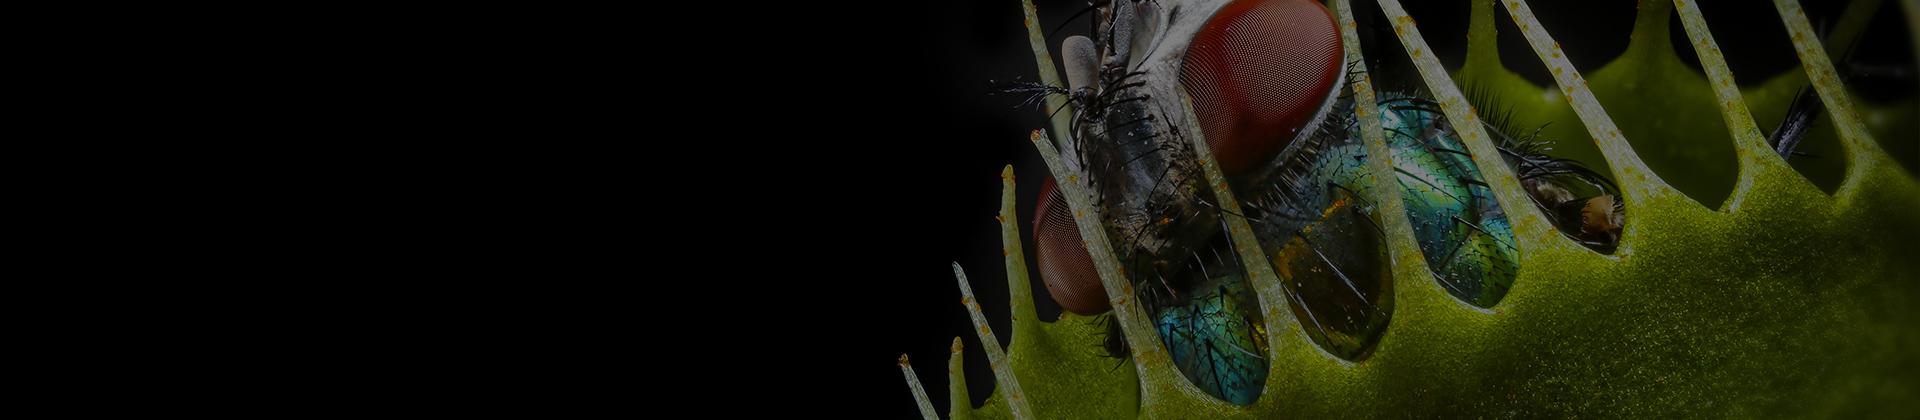 Mücken